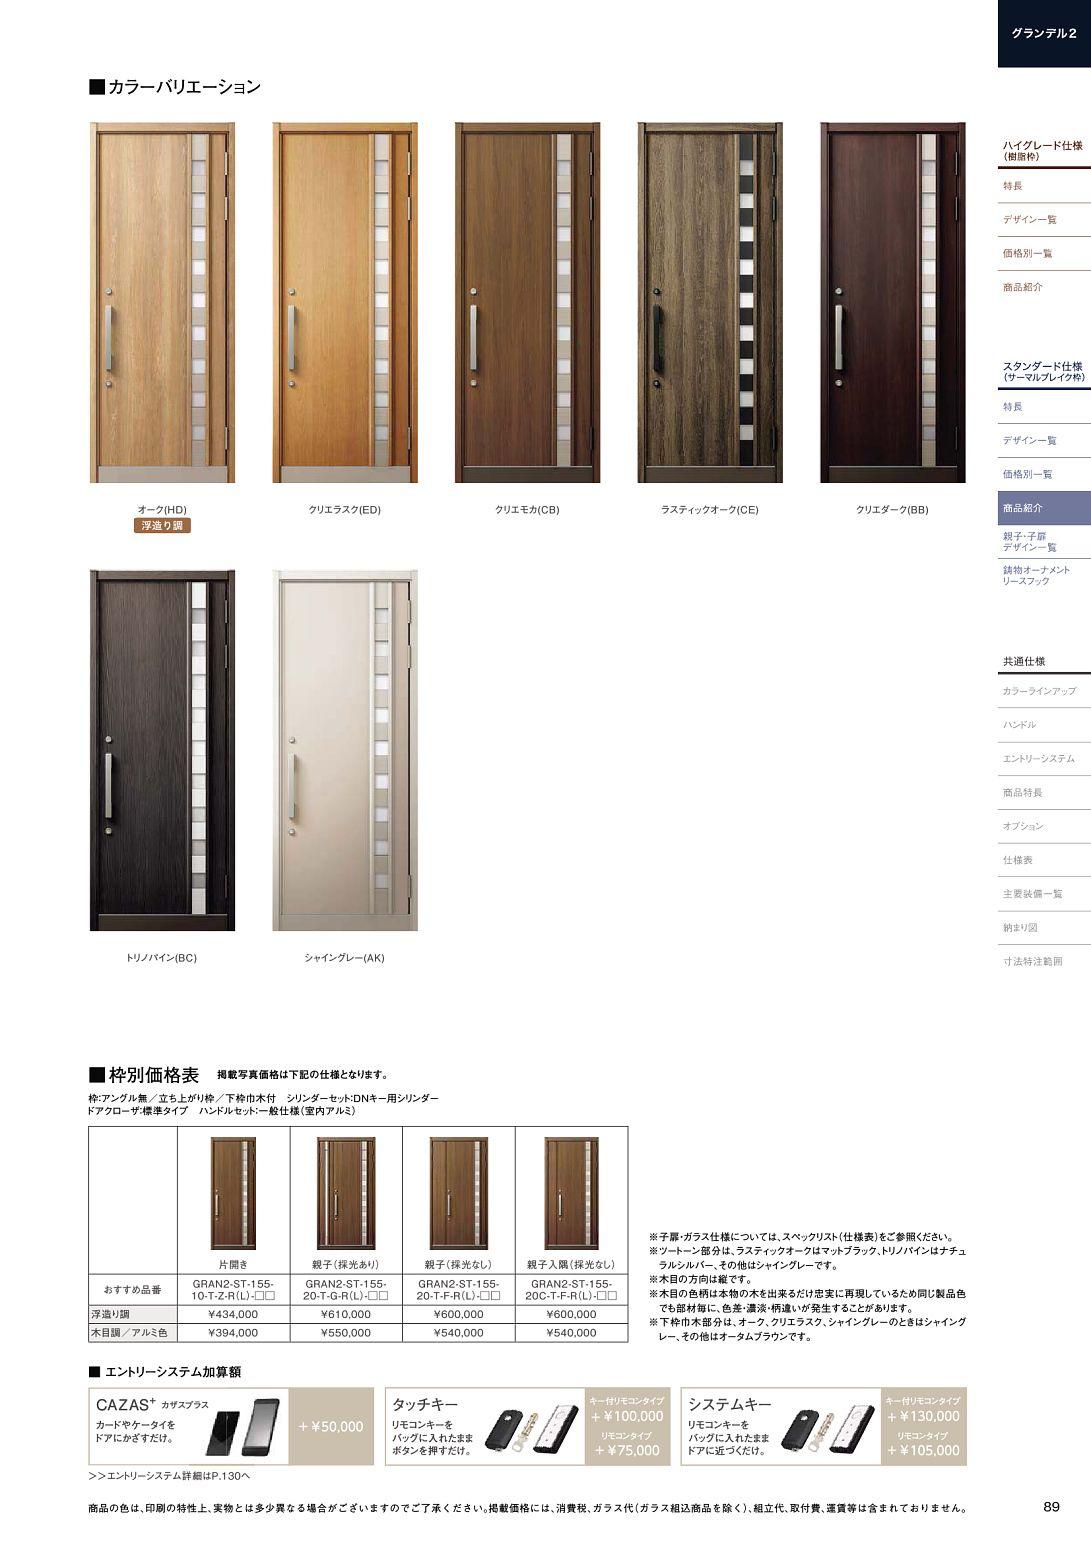 グランデル2カタログ 総ページ数 196 カタログ 玄関ドア ドア